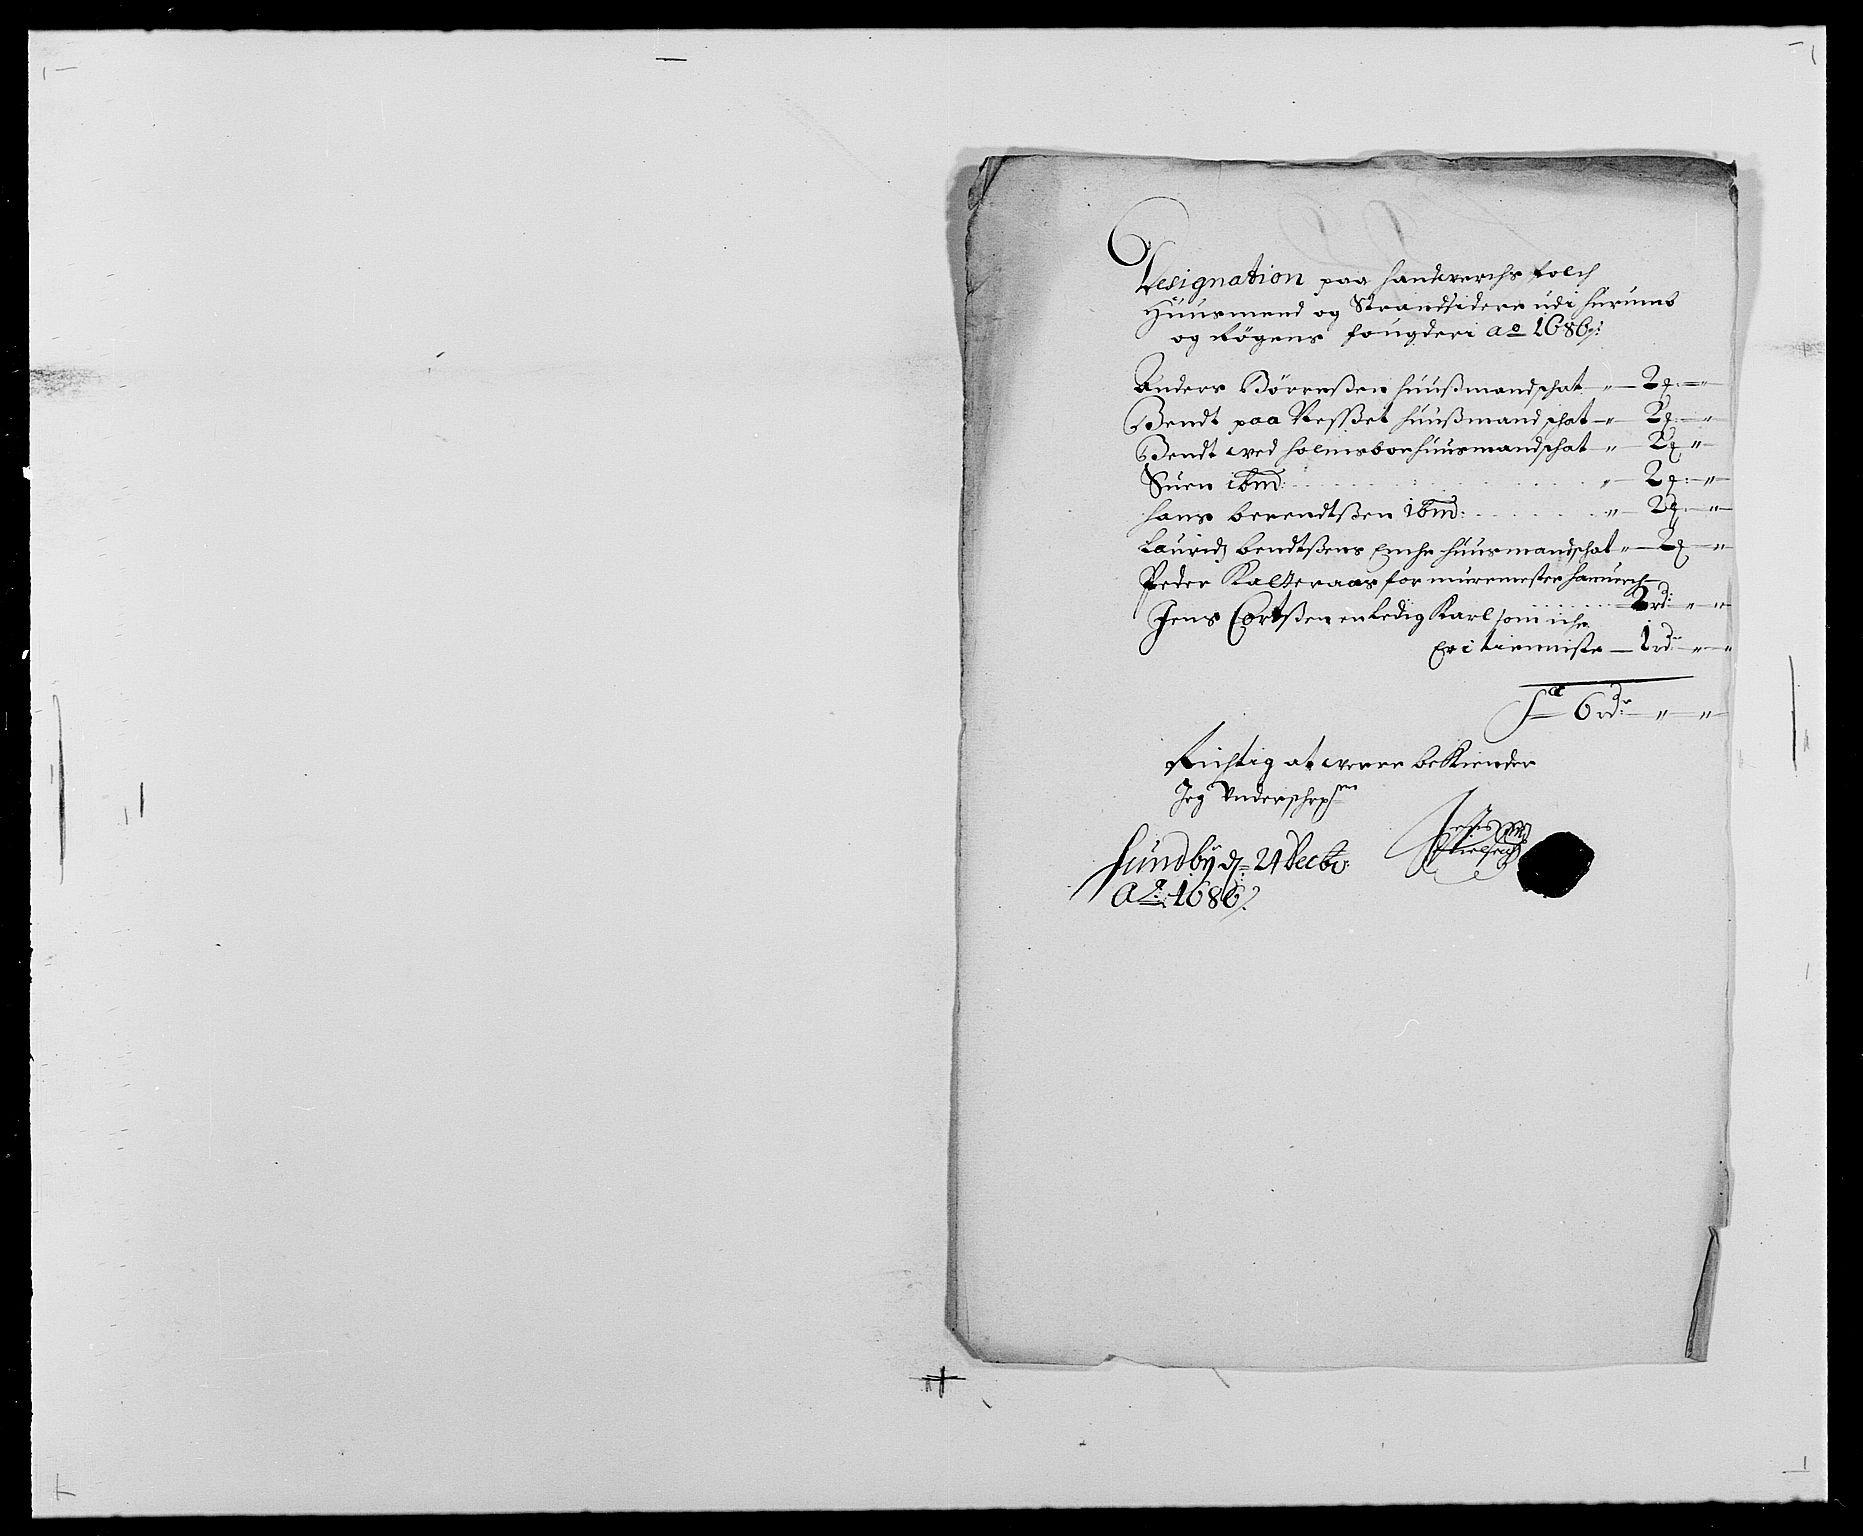 RA, Rentekammeret inntil 1814, Reviderte regnskaper, Fogderegnskap, R29/L1692: Fogderegnskap Hurum og Røyken, 1682-1687, s. 288